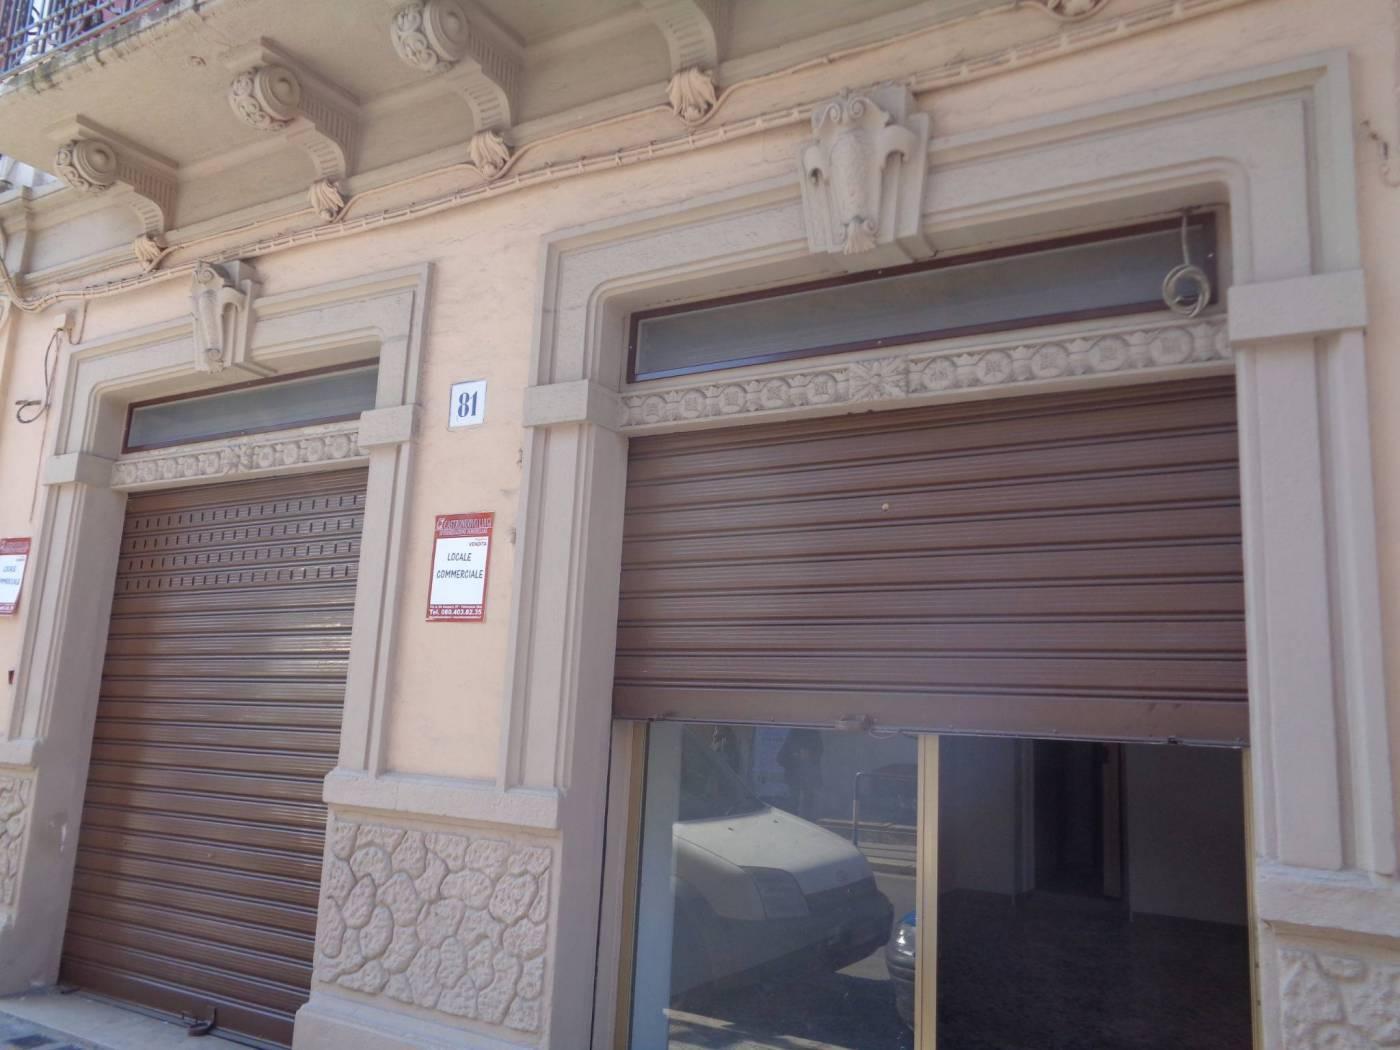 Negozio / Locale in vendita a Bari, 1 locali, zona Località: CARBONARA / CEGLIE, prezzo € 105.000 | CambioCasa.it